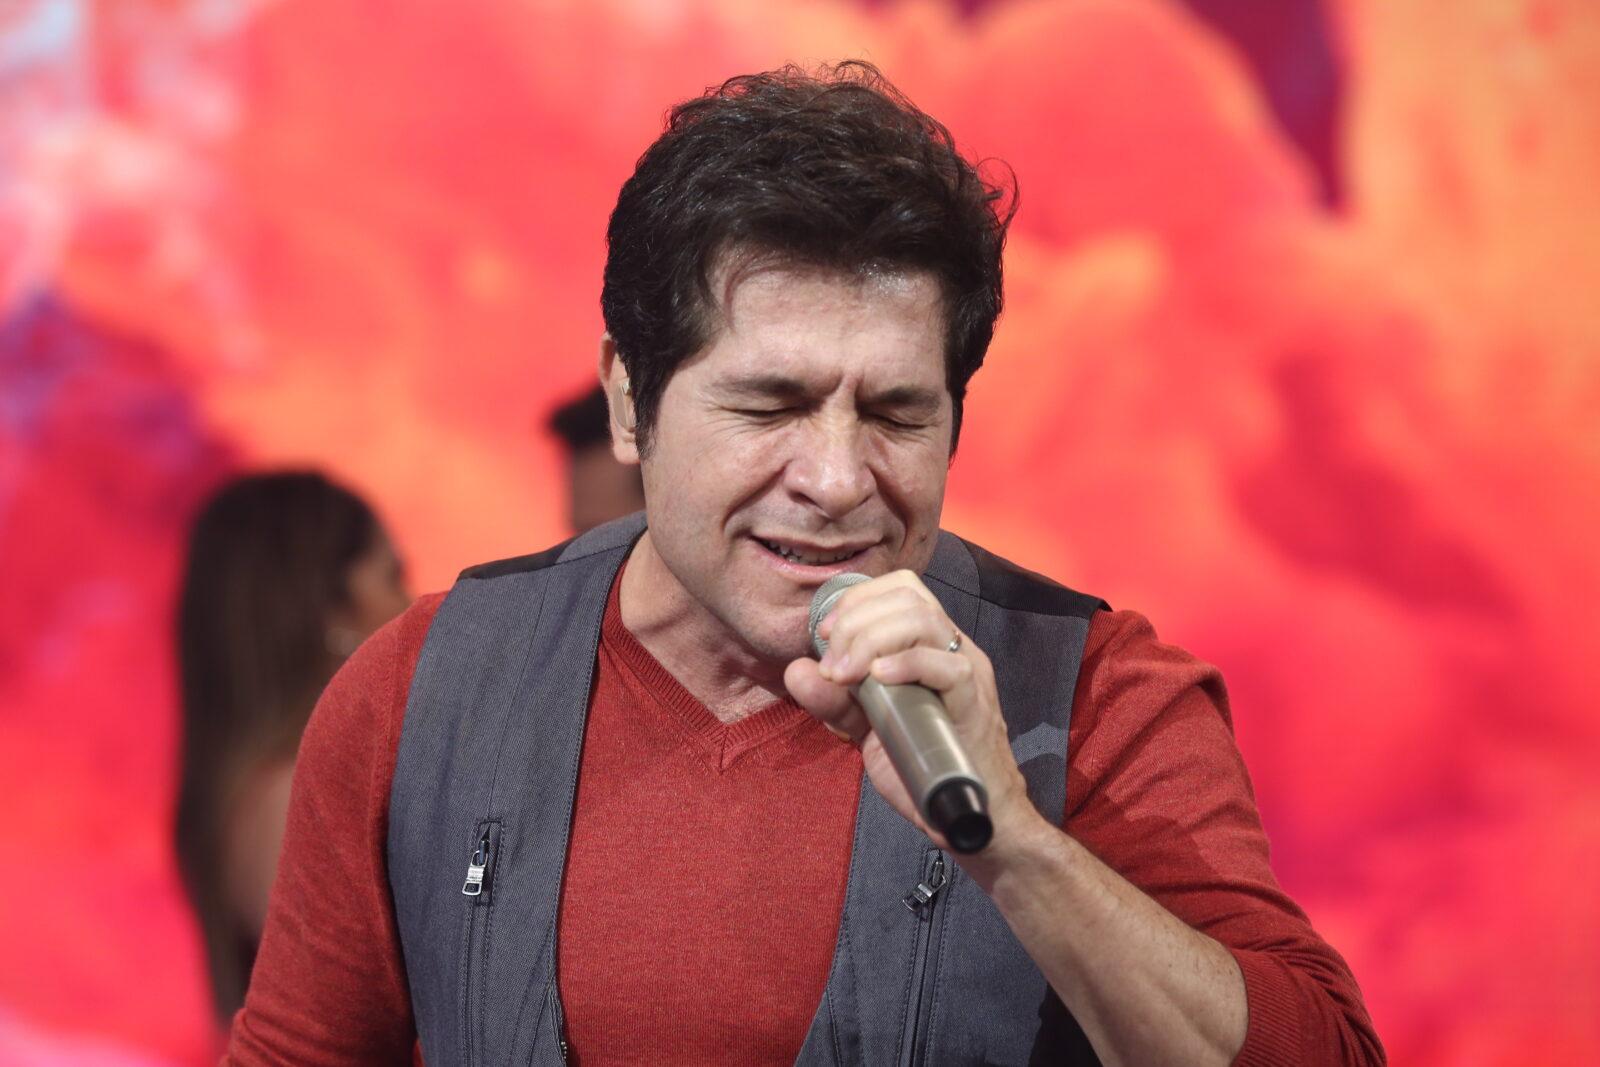 Cantor Daniel no Hora do Faro (CRÉDITO DAS FOTOS: Antonio Chahestian/Record TV)